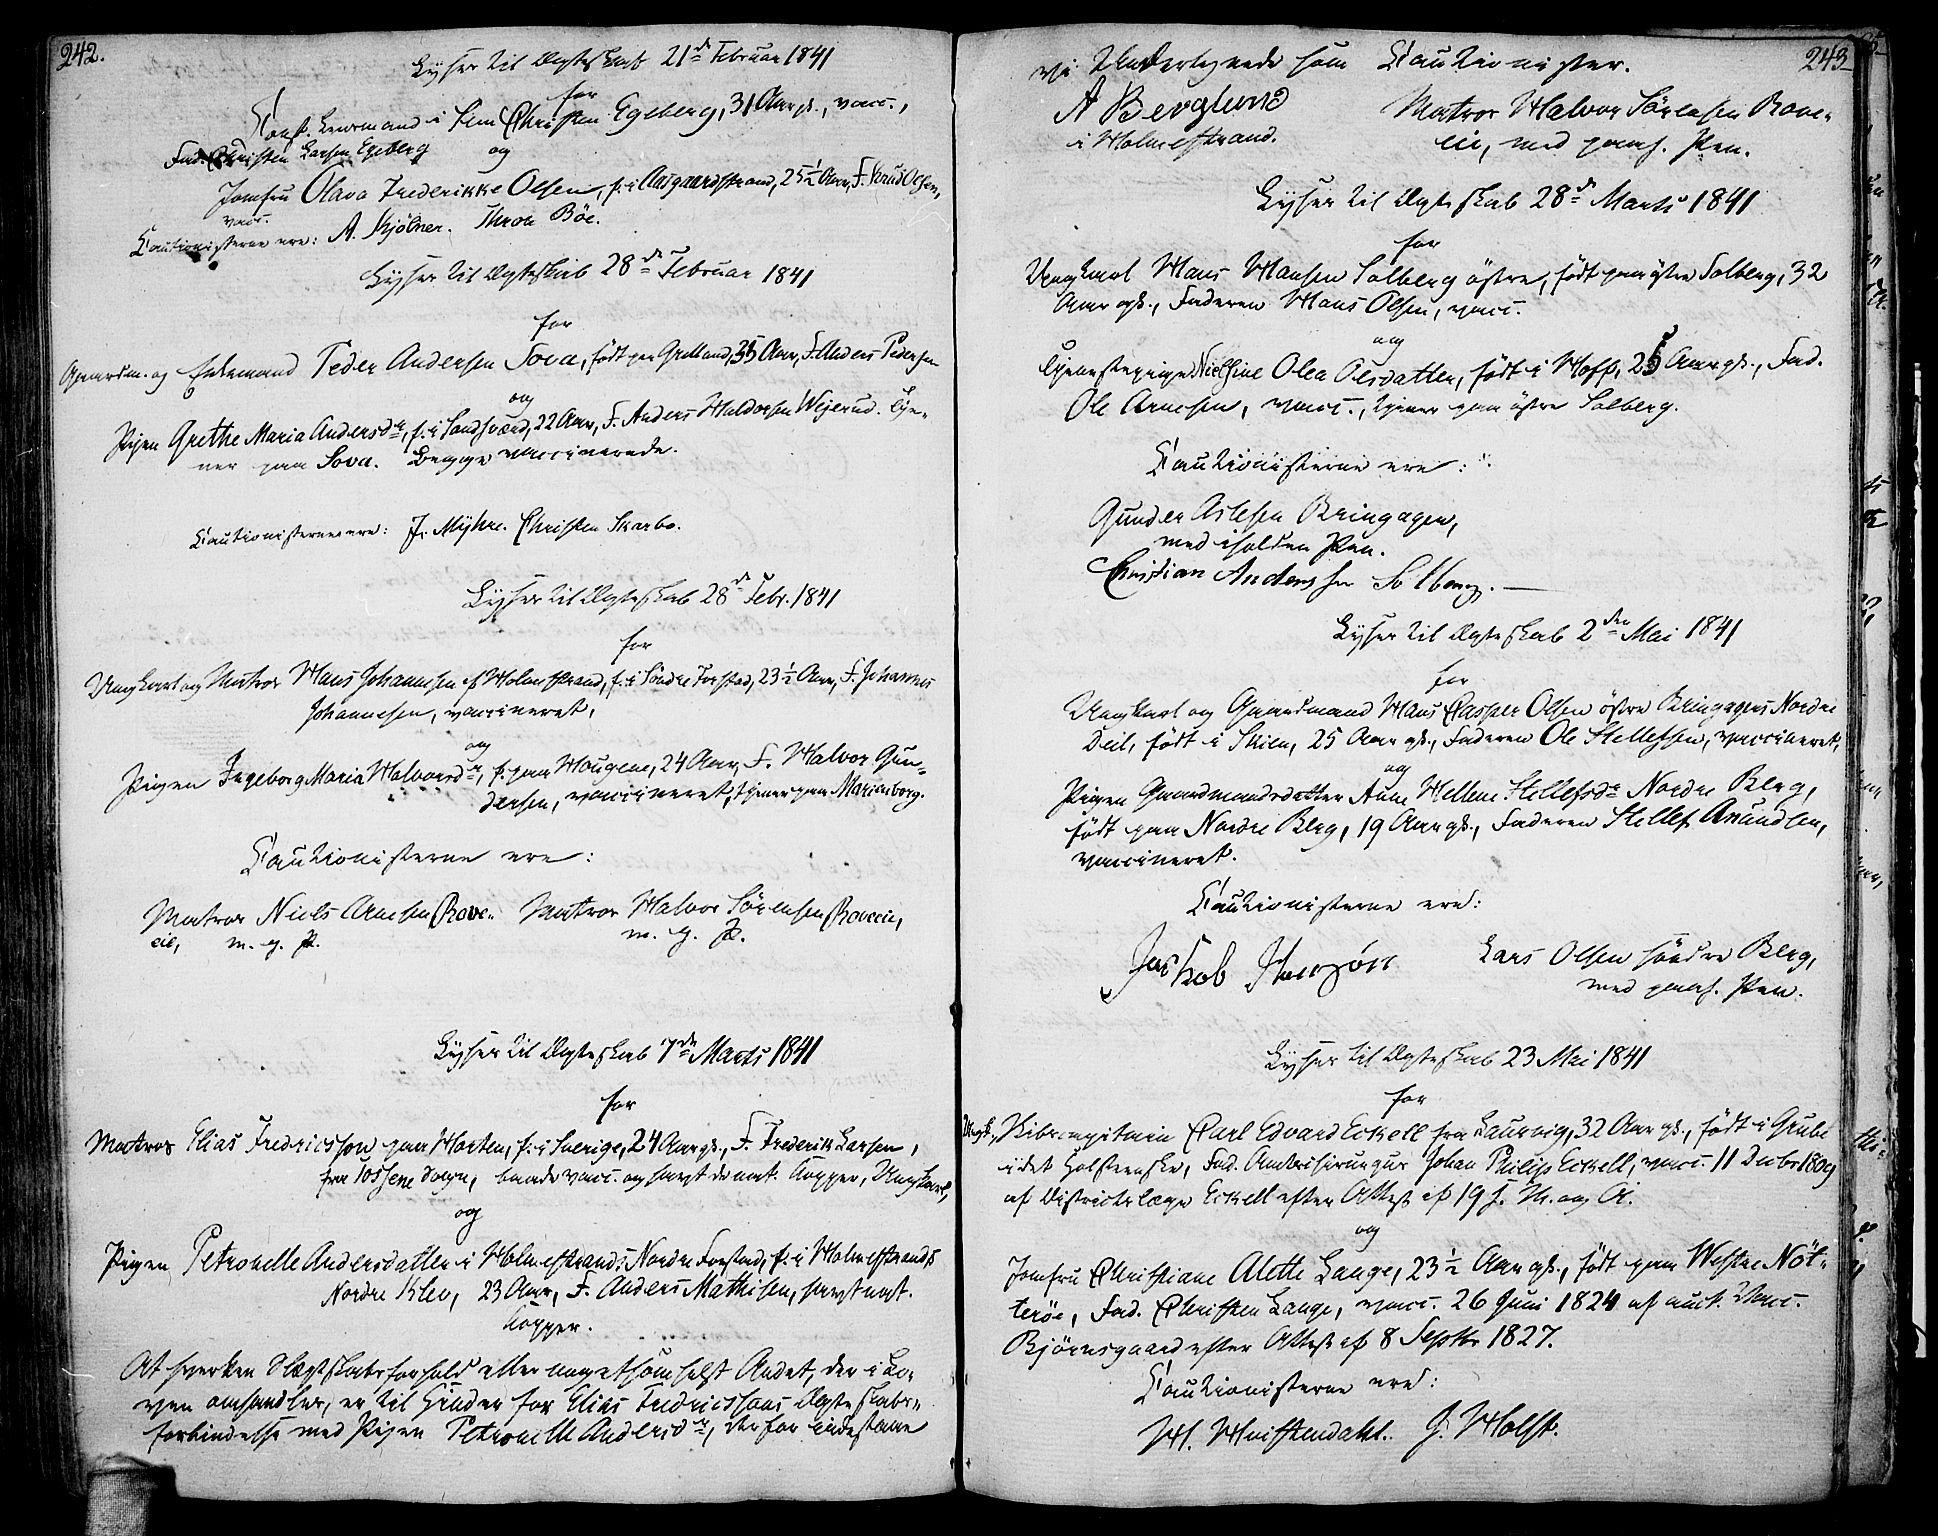 SAKO, Botne kirkebøker, F/Fa/L0003: Ministerialbok nr. I 3 /1, 1792-1844, s. 242-243